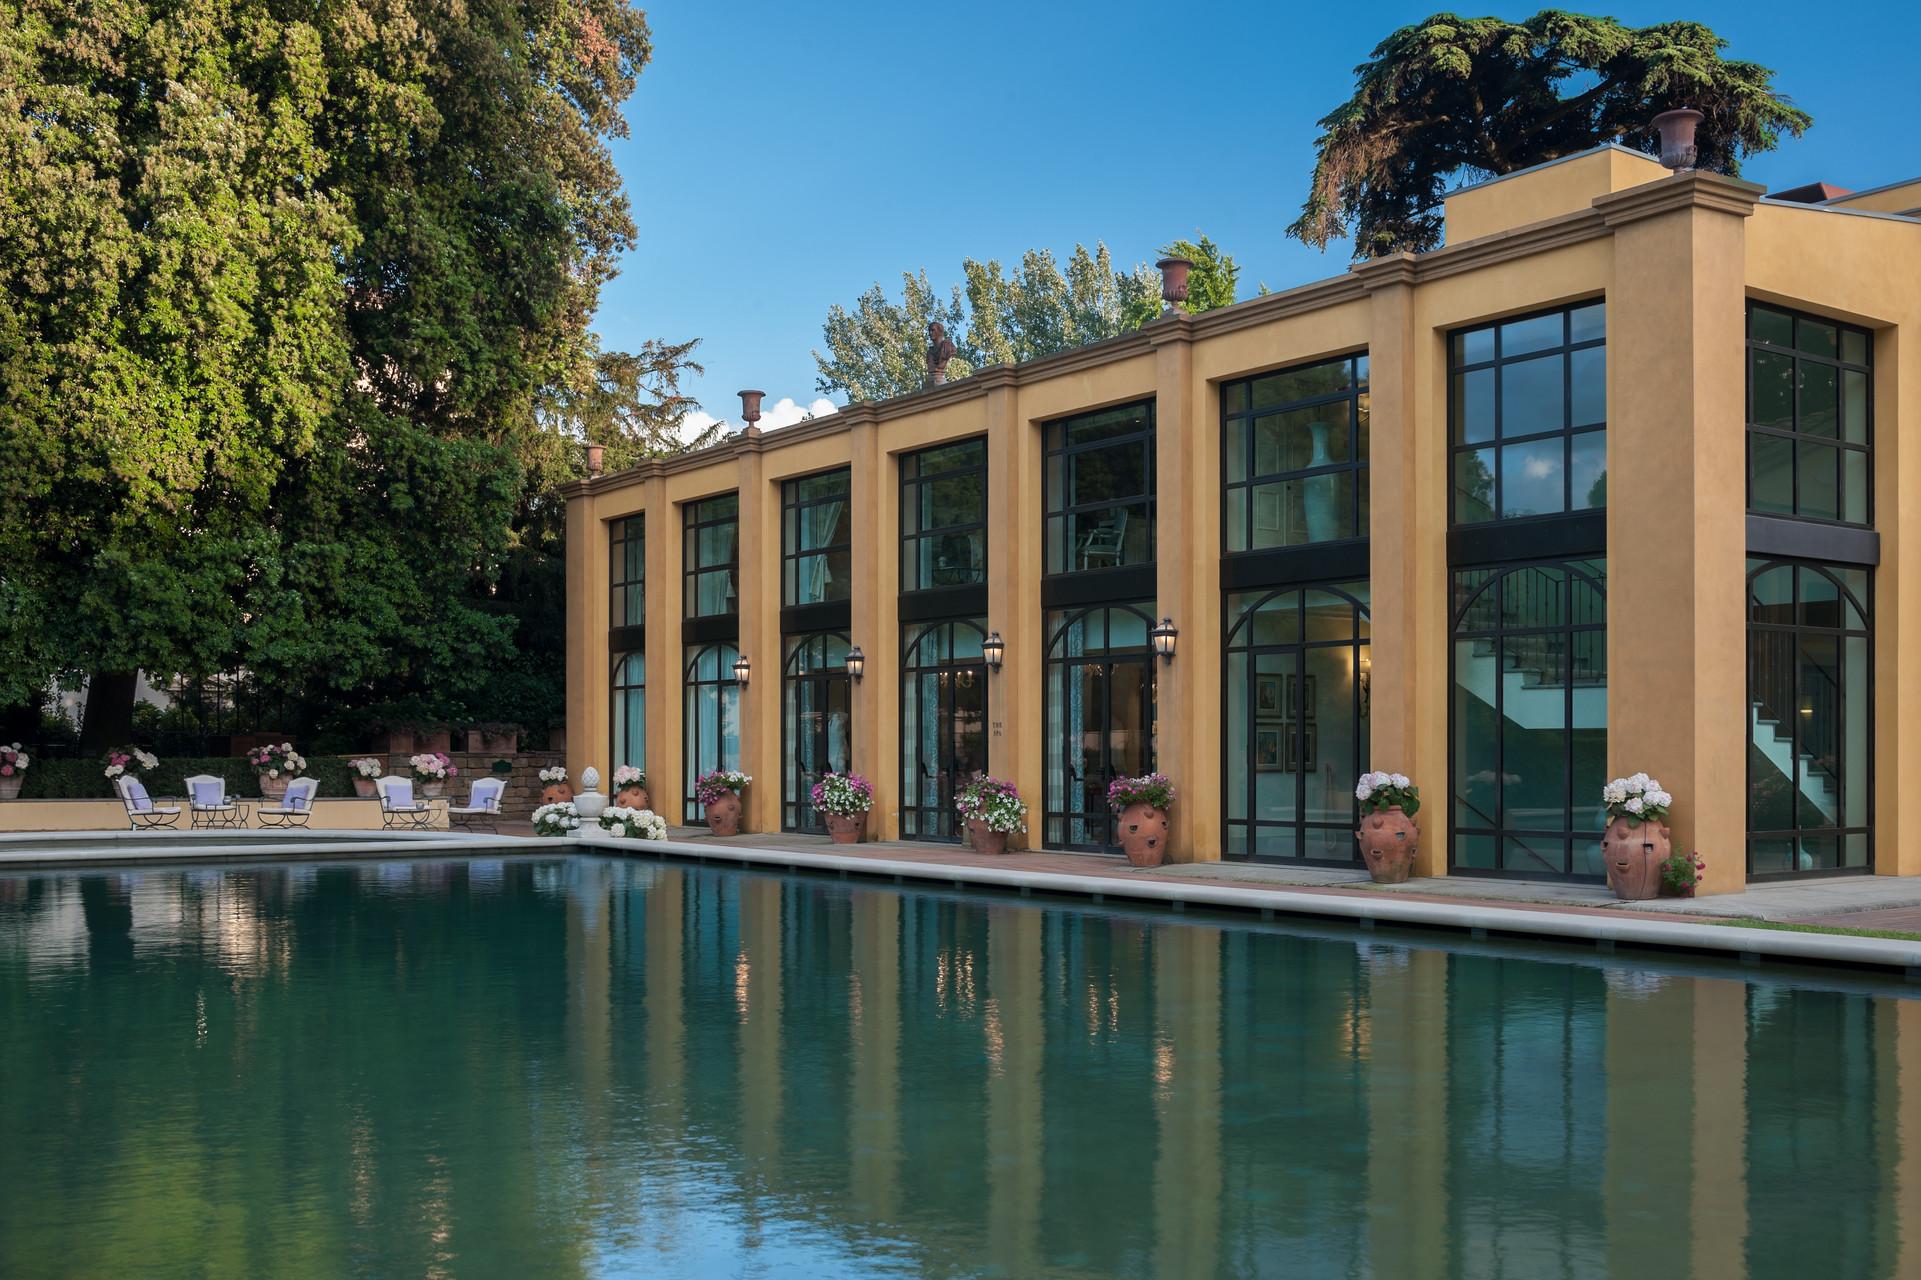 Progettazione spa firenze aqva service piscine